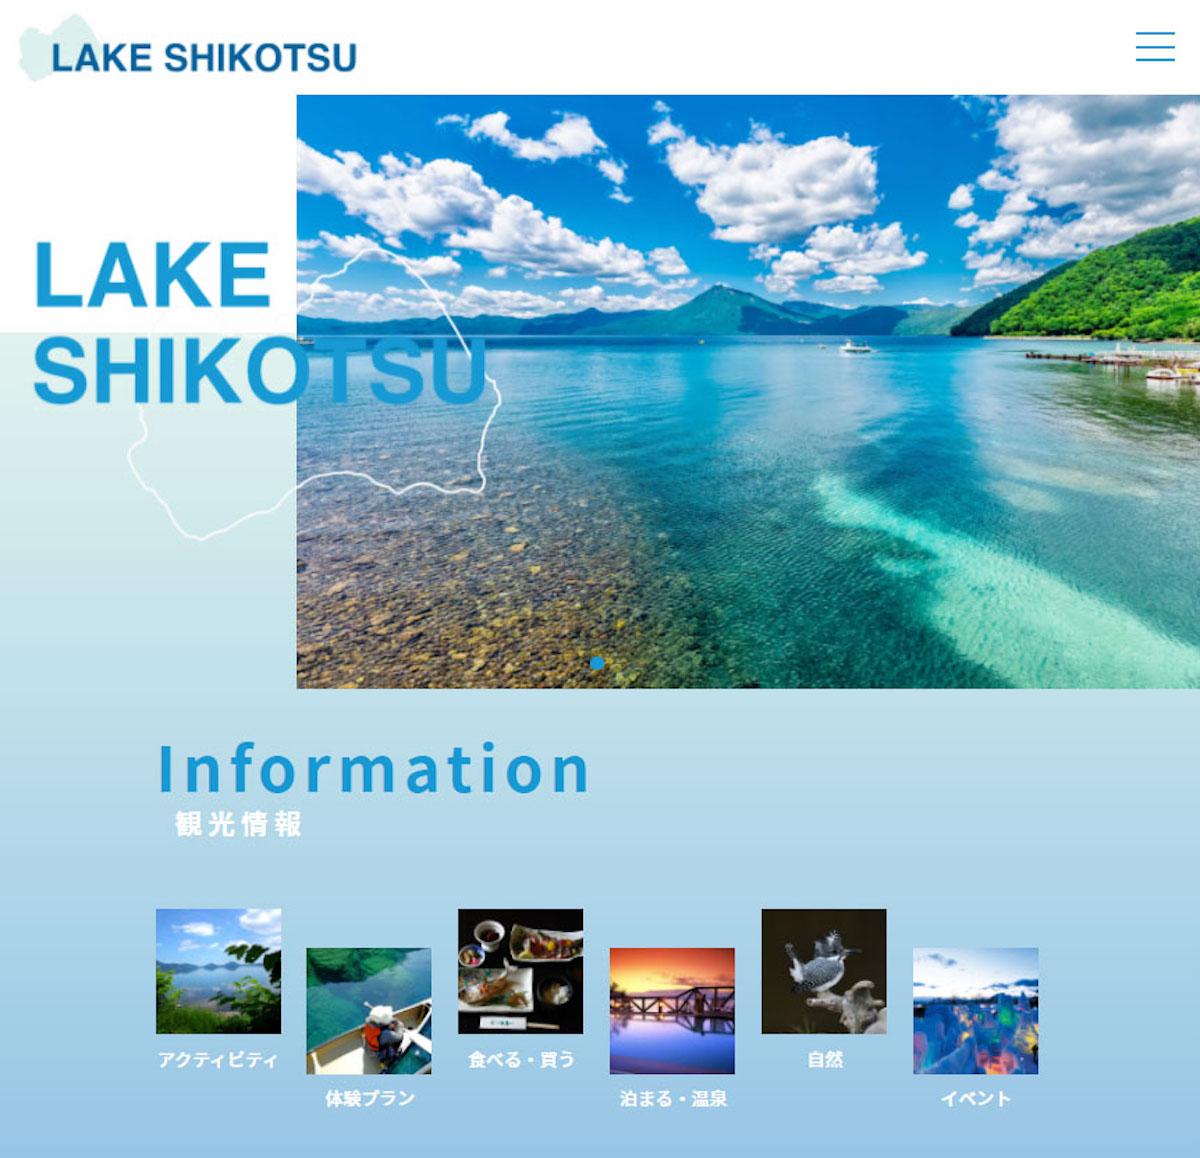 一般社団法人国立公園支笏湖運営協議会